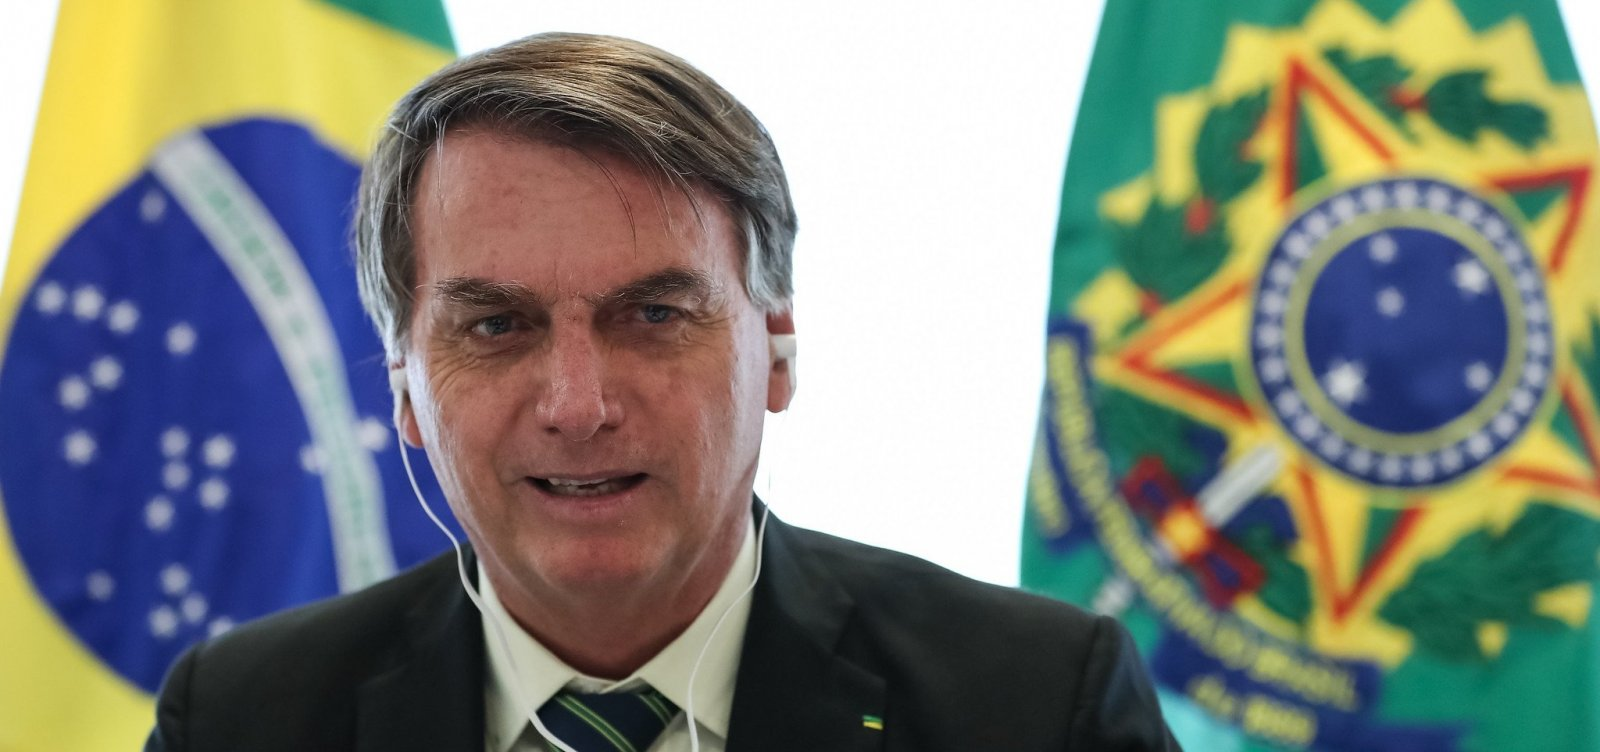 [Frase de Bolsonaro sobre dar armas à população é rejeitada por 72%]